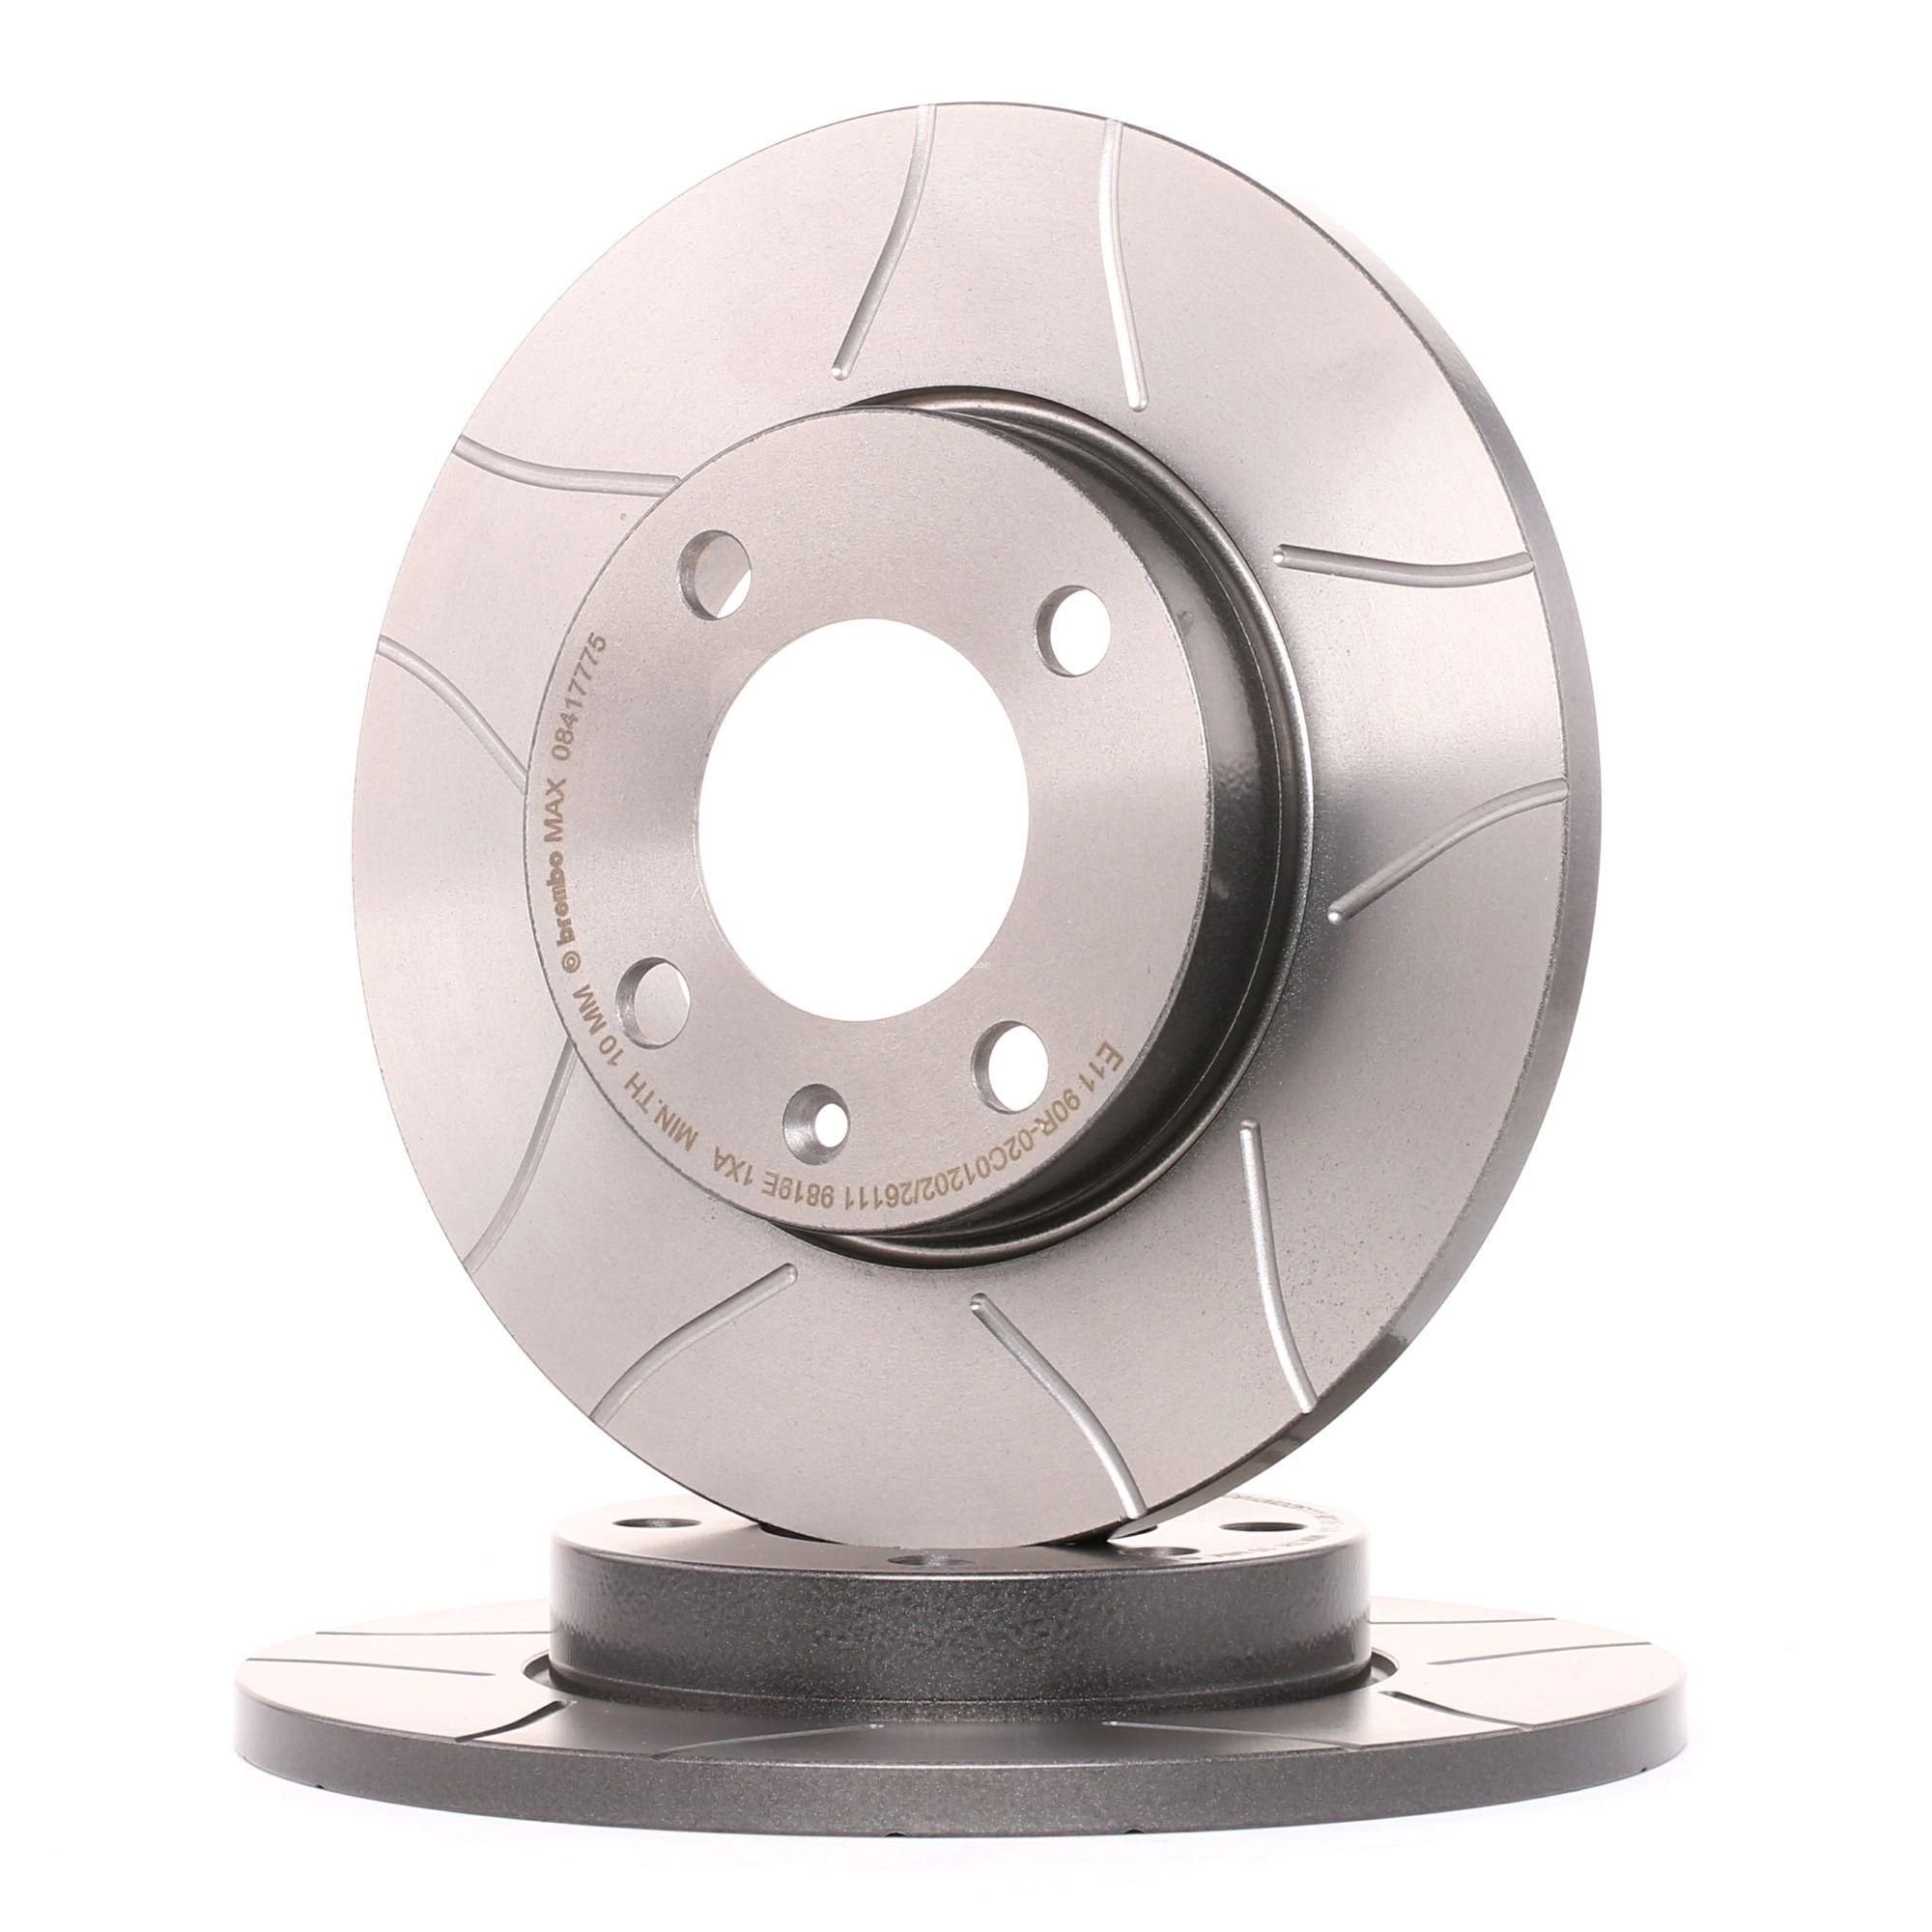 Achetez Disque BREMBO 08.4177.75 (Ø: 239mm, Nbre de trous: 4, Épaisseur du disque de frein: 12mm) à un rapport qualité-prix exceptionnel